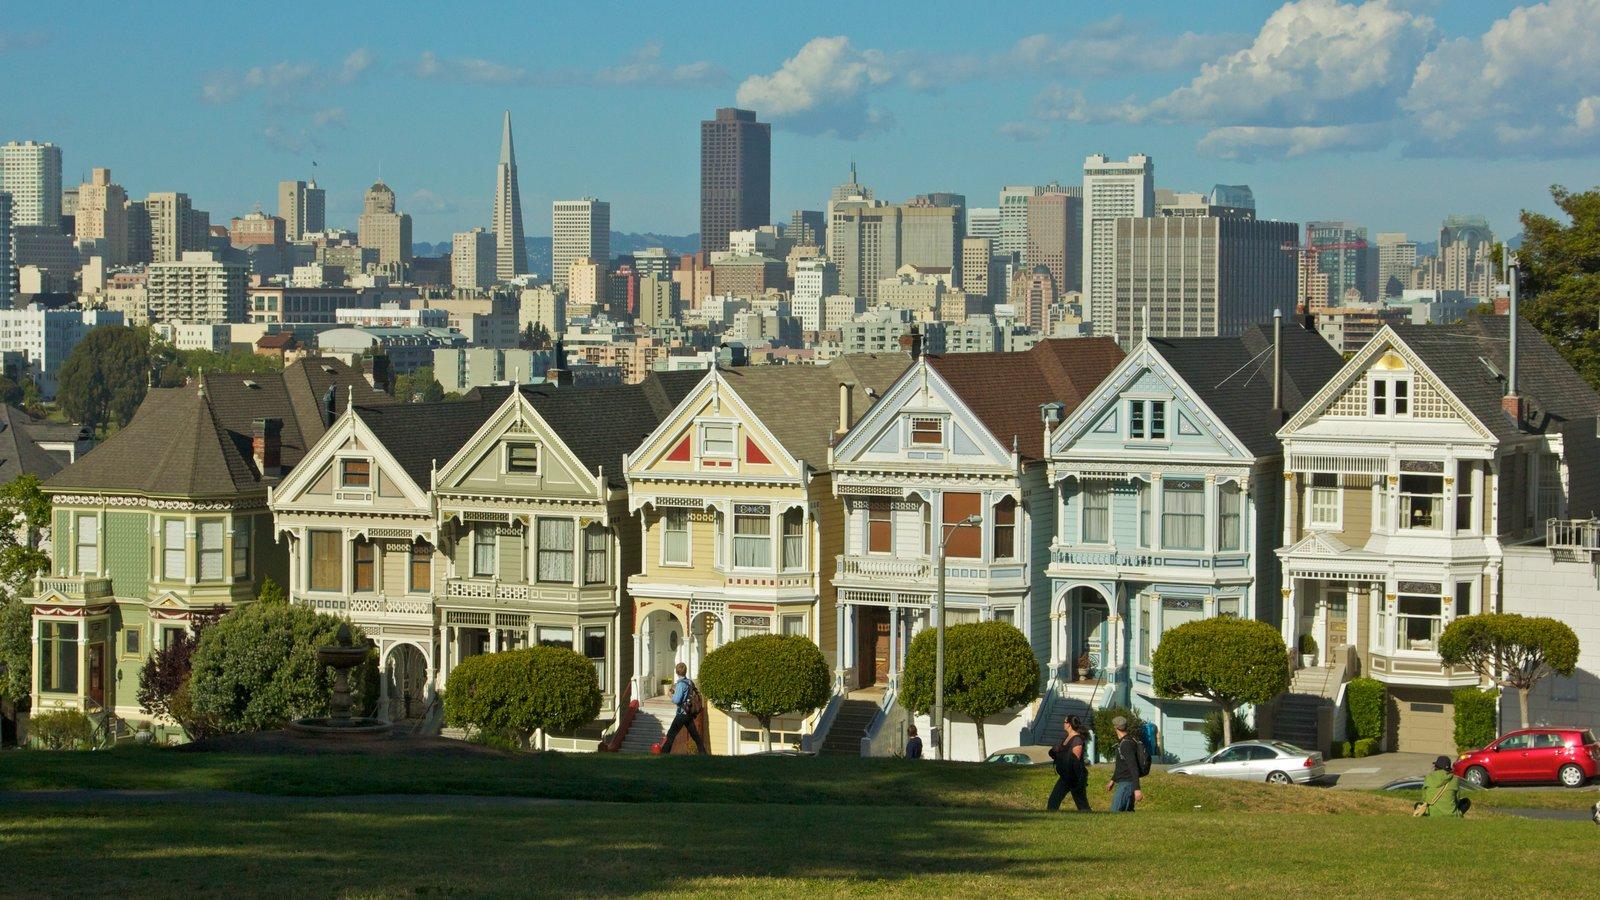 São Francisco mostrando cenas de rua, uma cidade e um arranha-céu